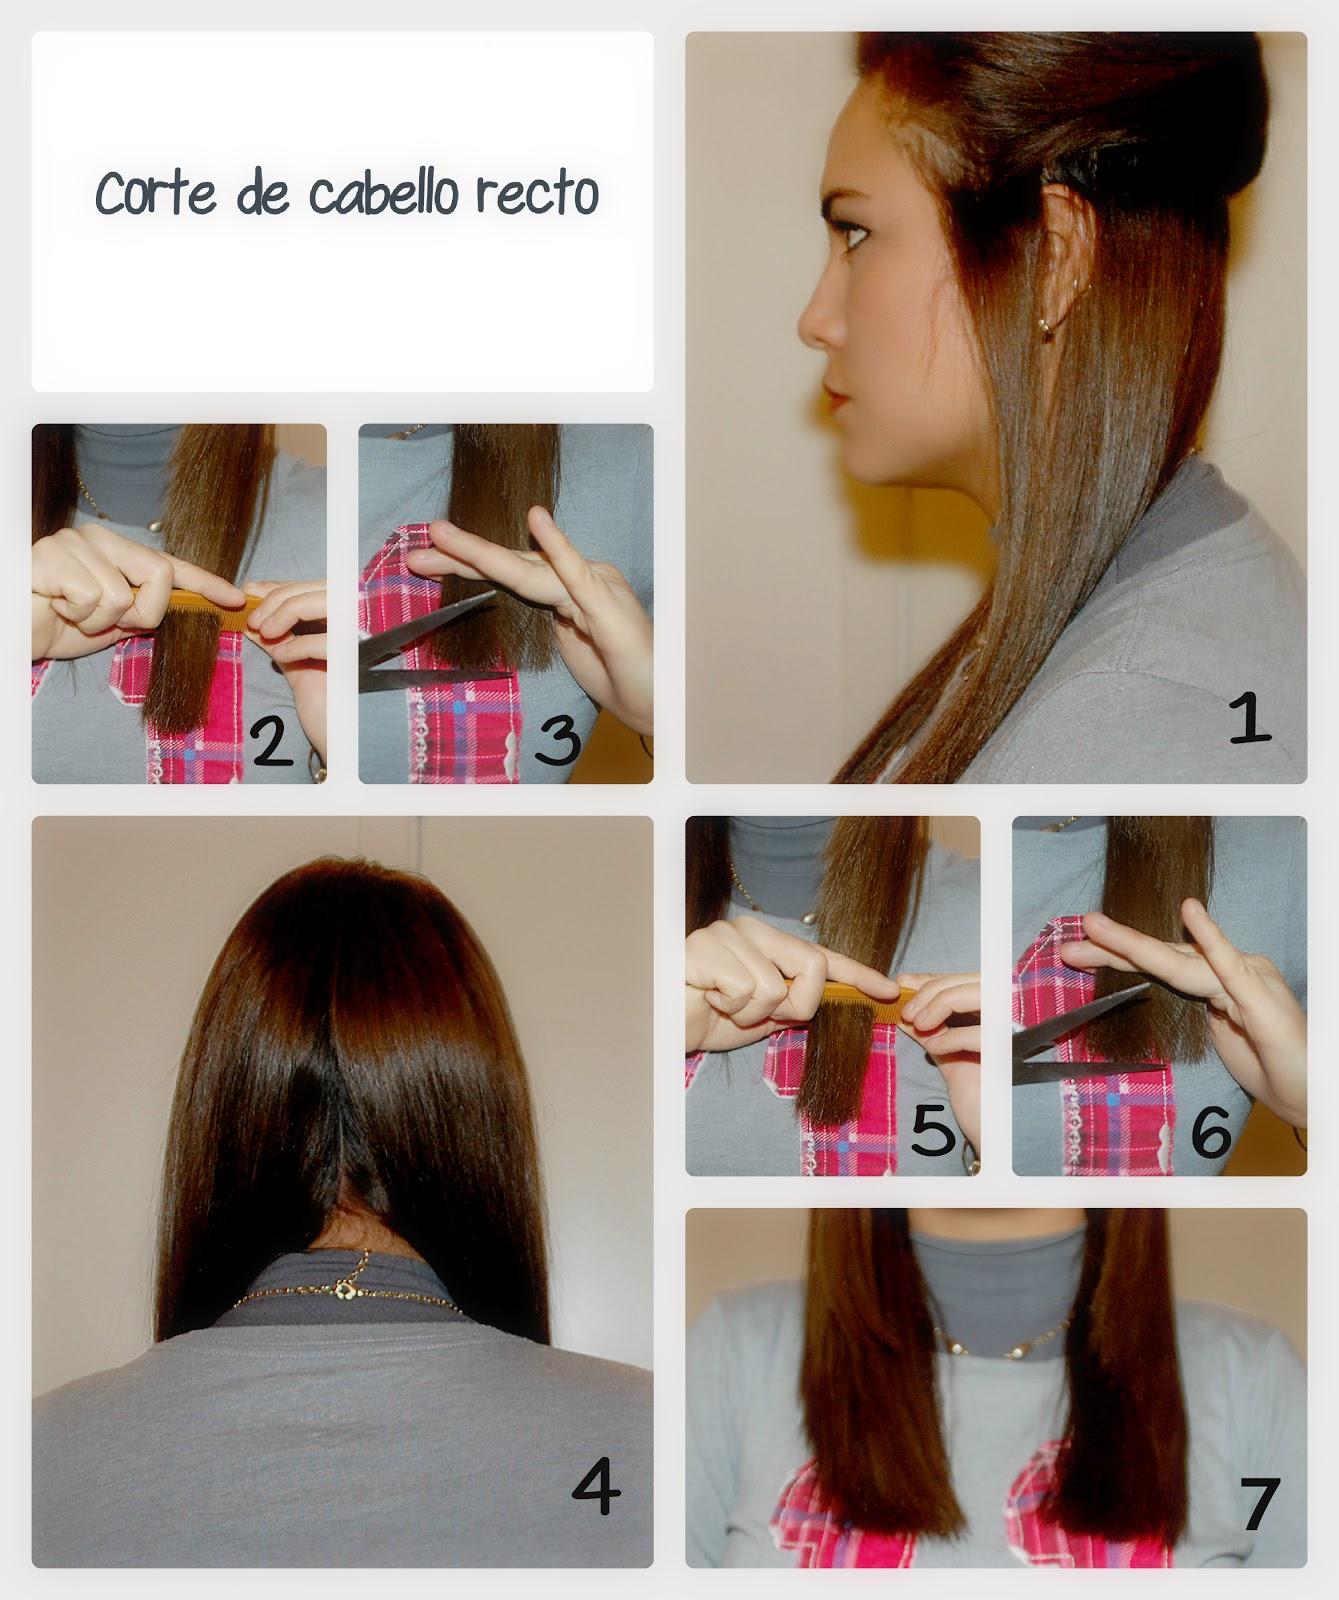 Como cortar el cabello recto una misma